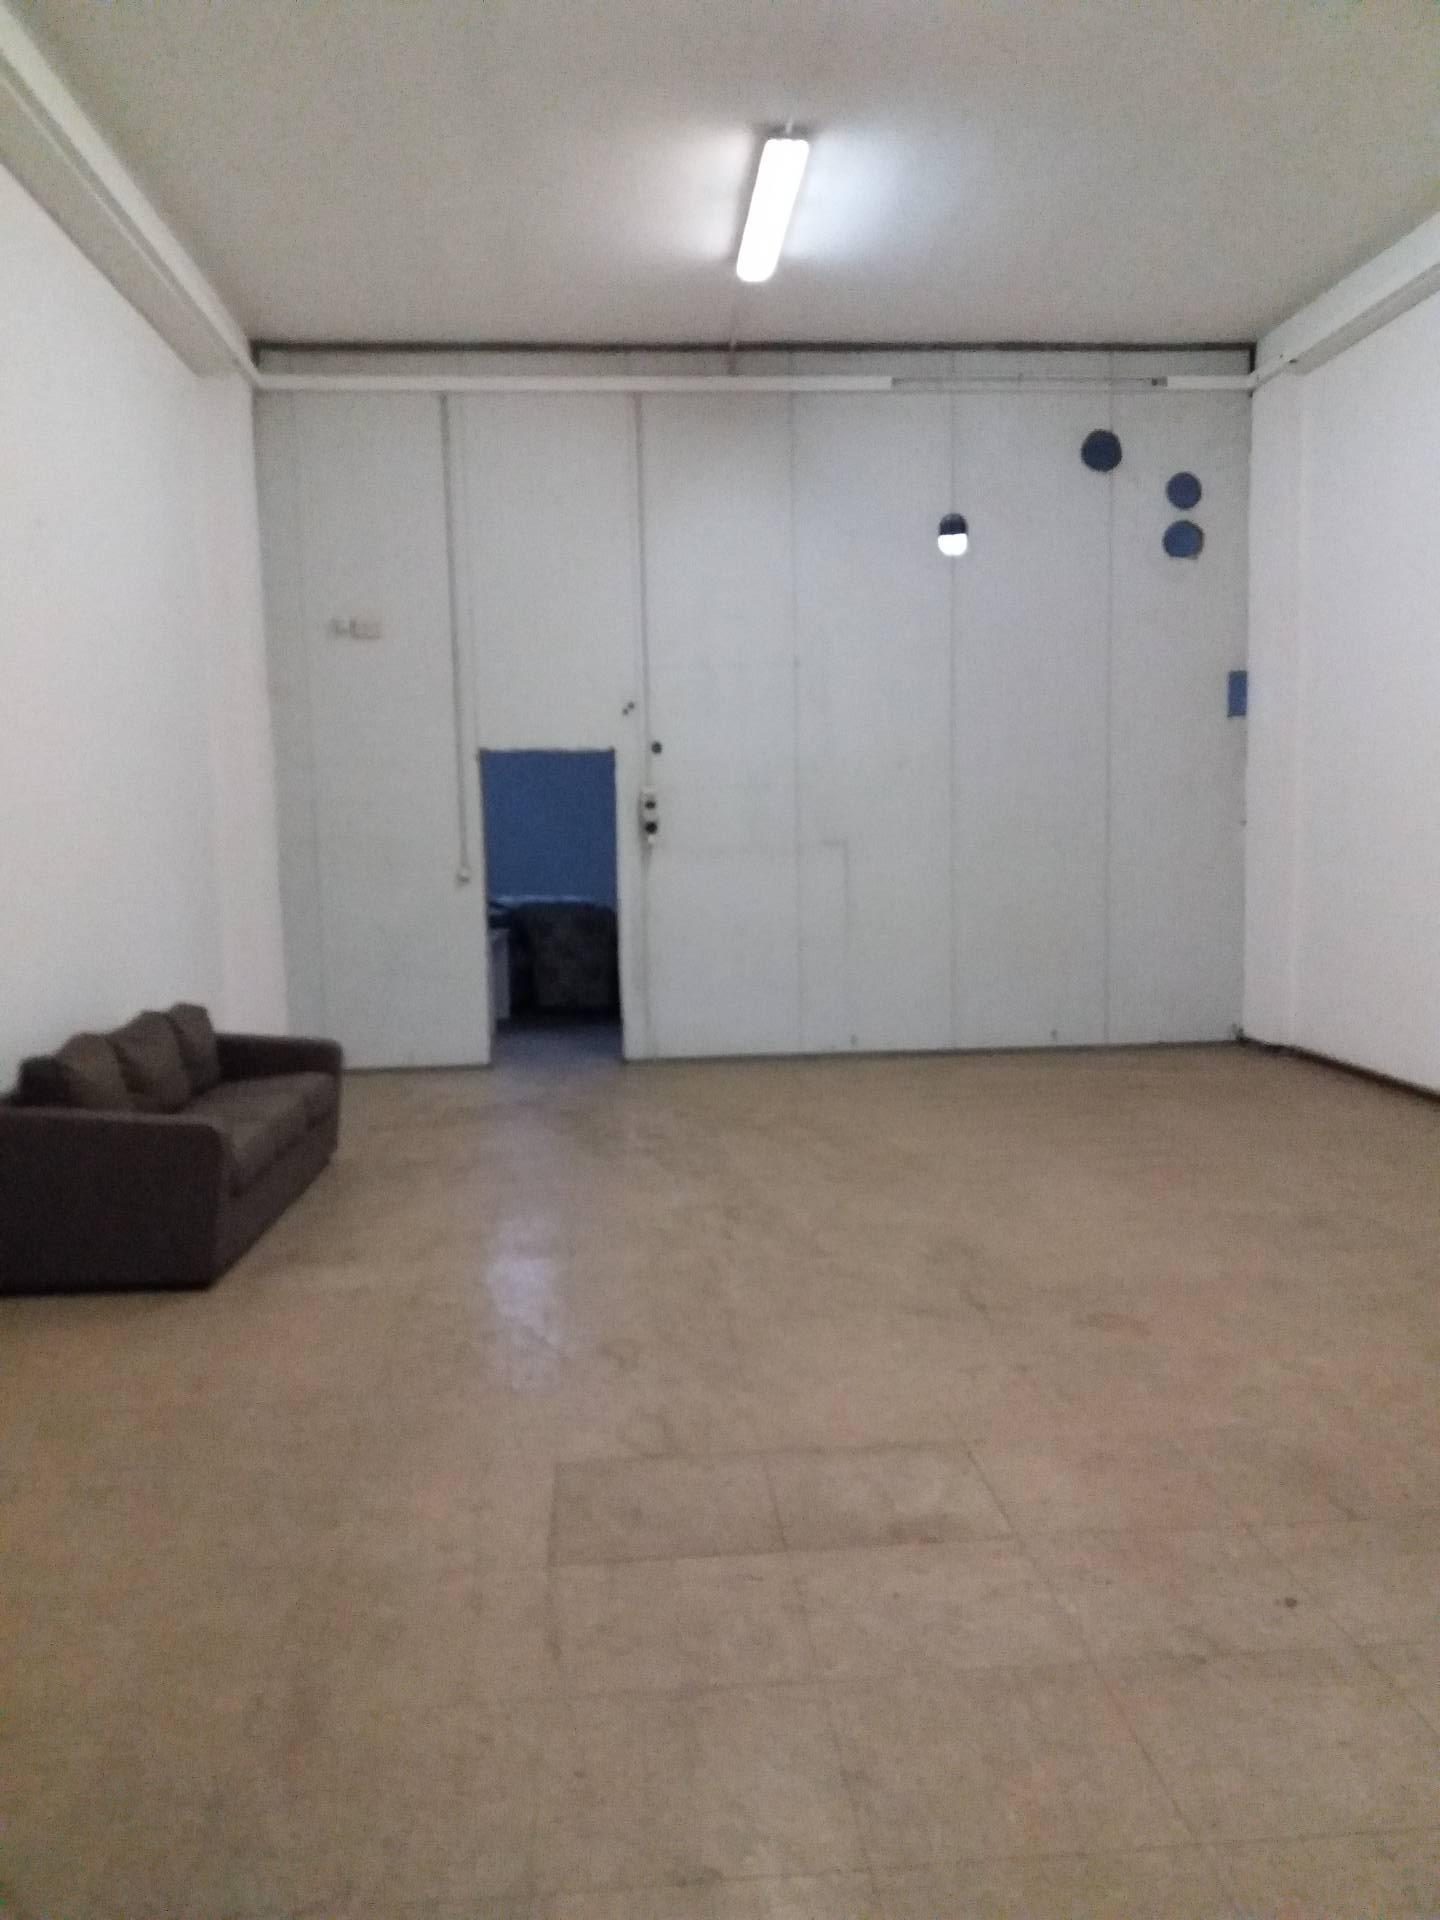 Laboratorio in affitto a Ascoli Piceno, 9999 locali, zona Località: MarinodelTronto, prezzo € 800 | CambioCasa.it